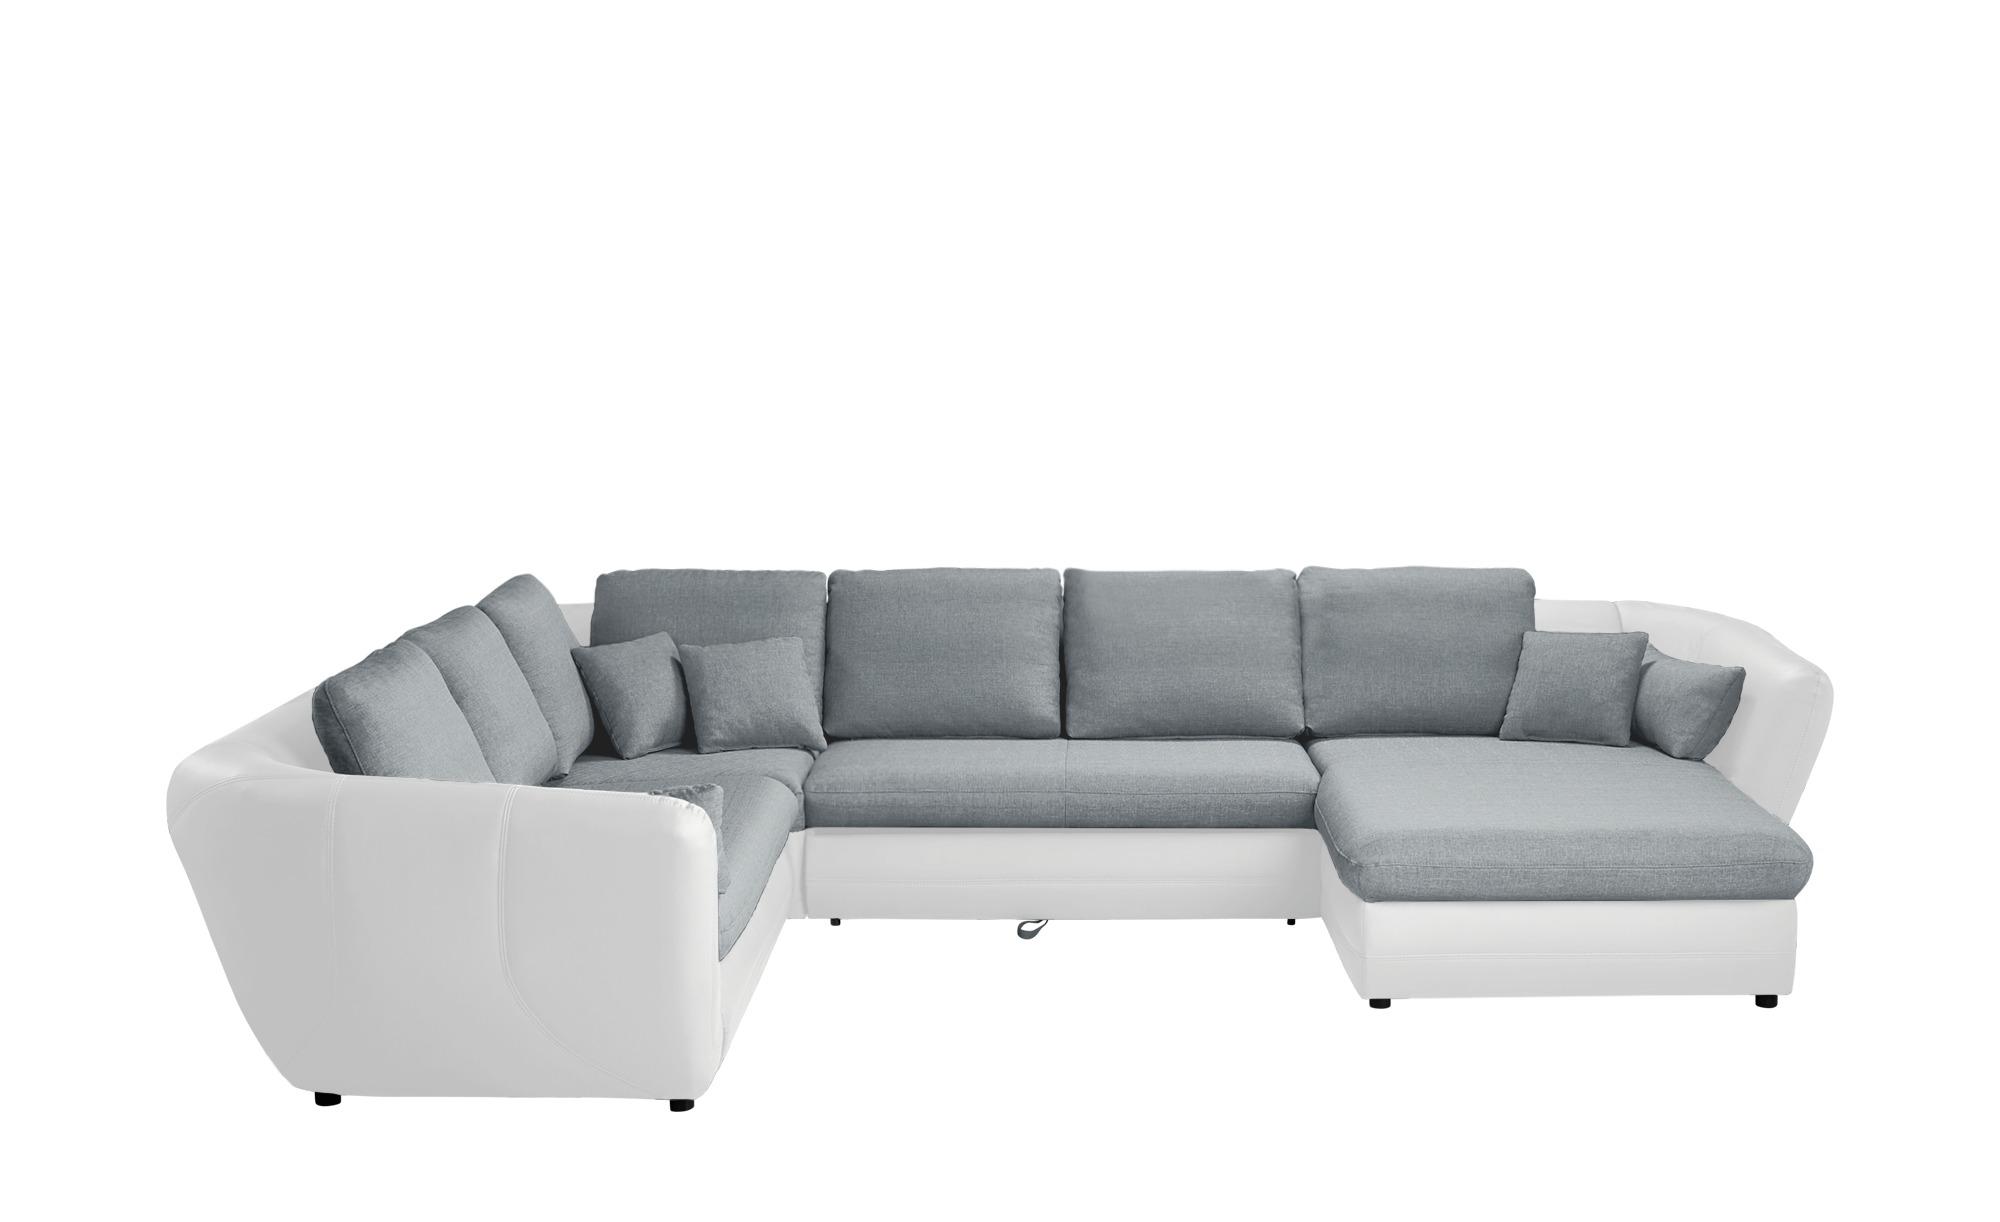 Smart Wohnlandschaft Weiss Grau Kunstleder Flachgewebe Verona Sectional Couch Home Decor Couch